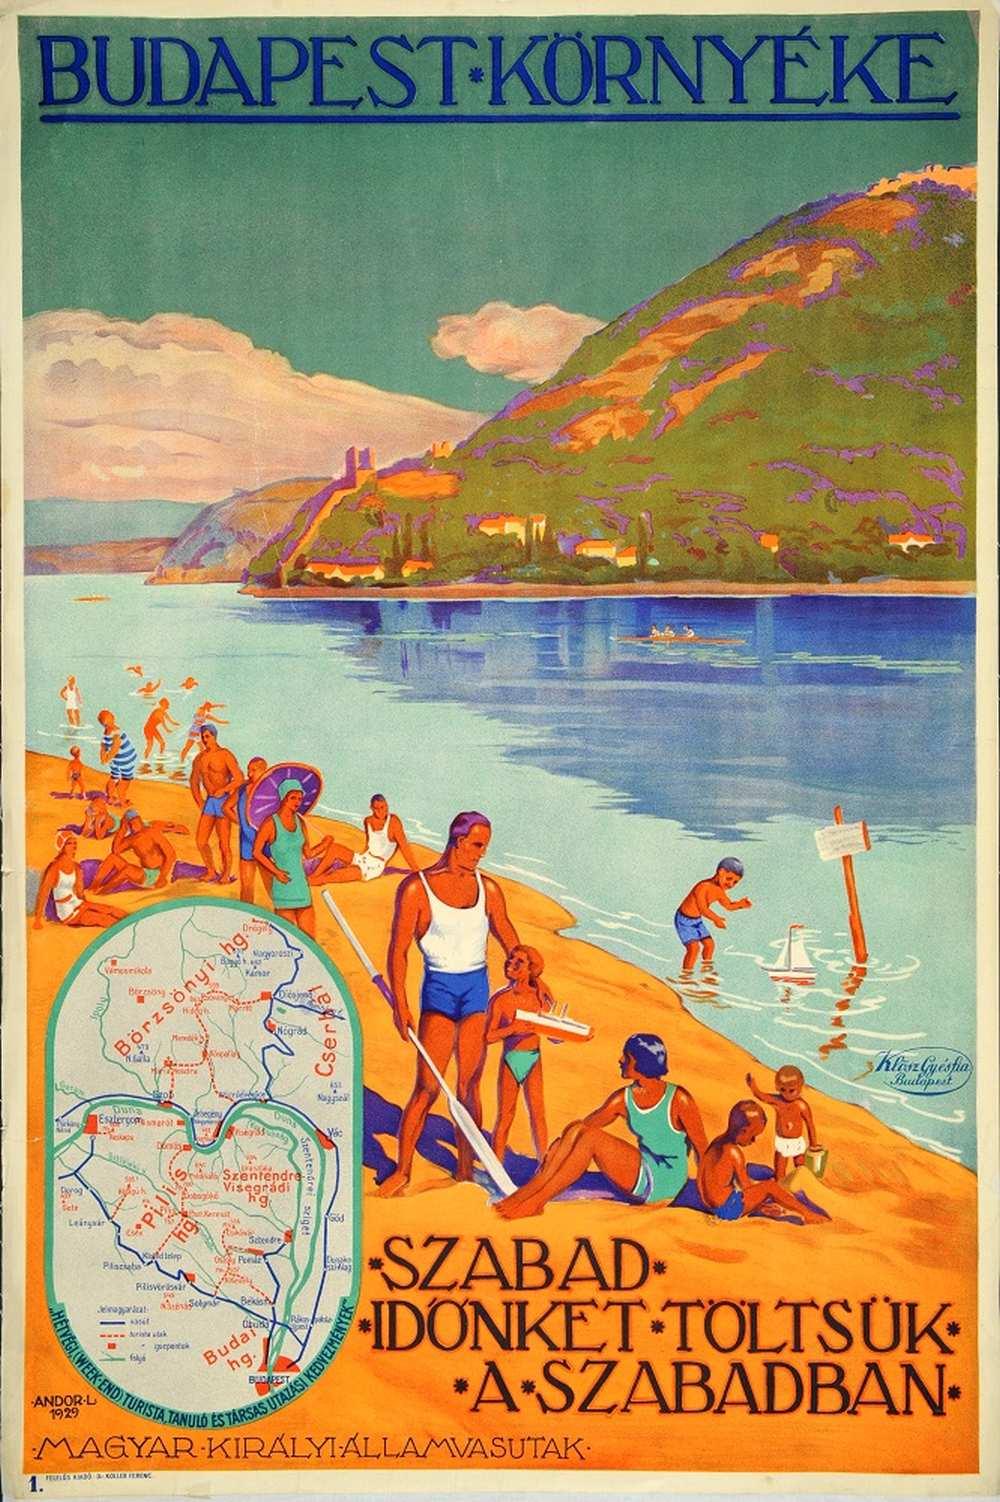 Andor Loránd: Budapest környéke (1929). Jelzet: PKG.1929/203 – Térkép-, Plakát- és Kisnyomtatványtár http://nektar.oszk.hu/hu/manifestation/2789203